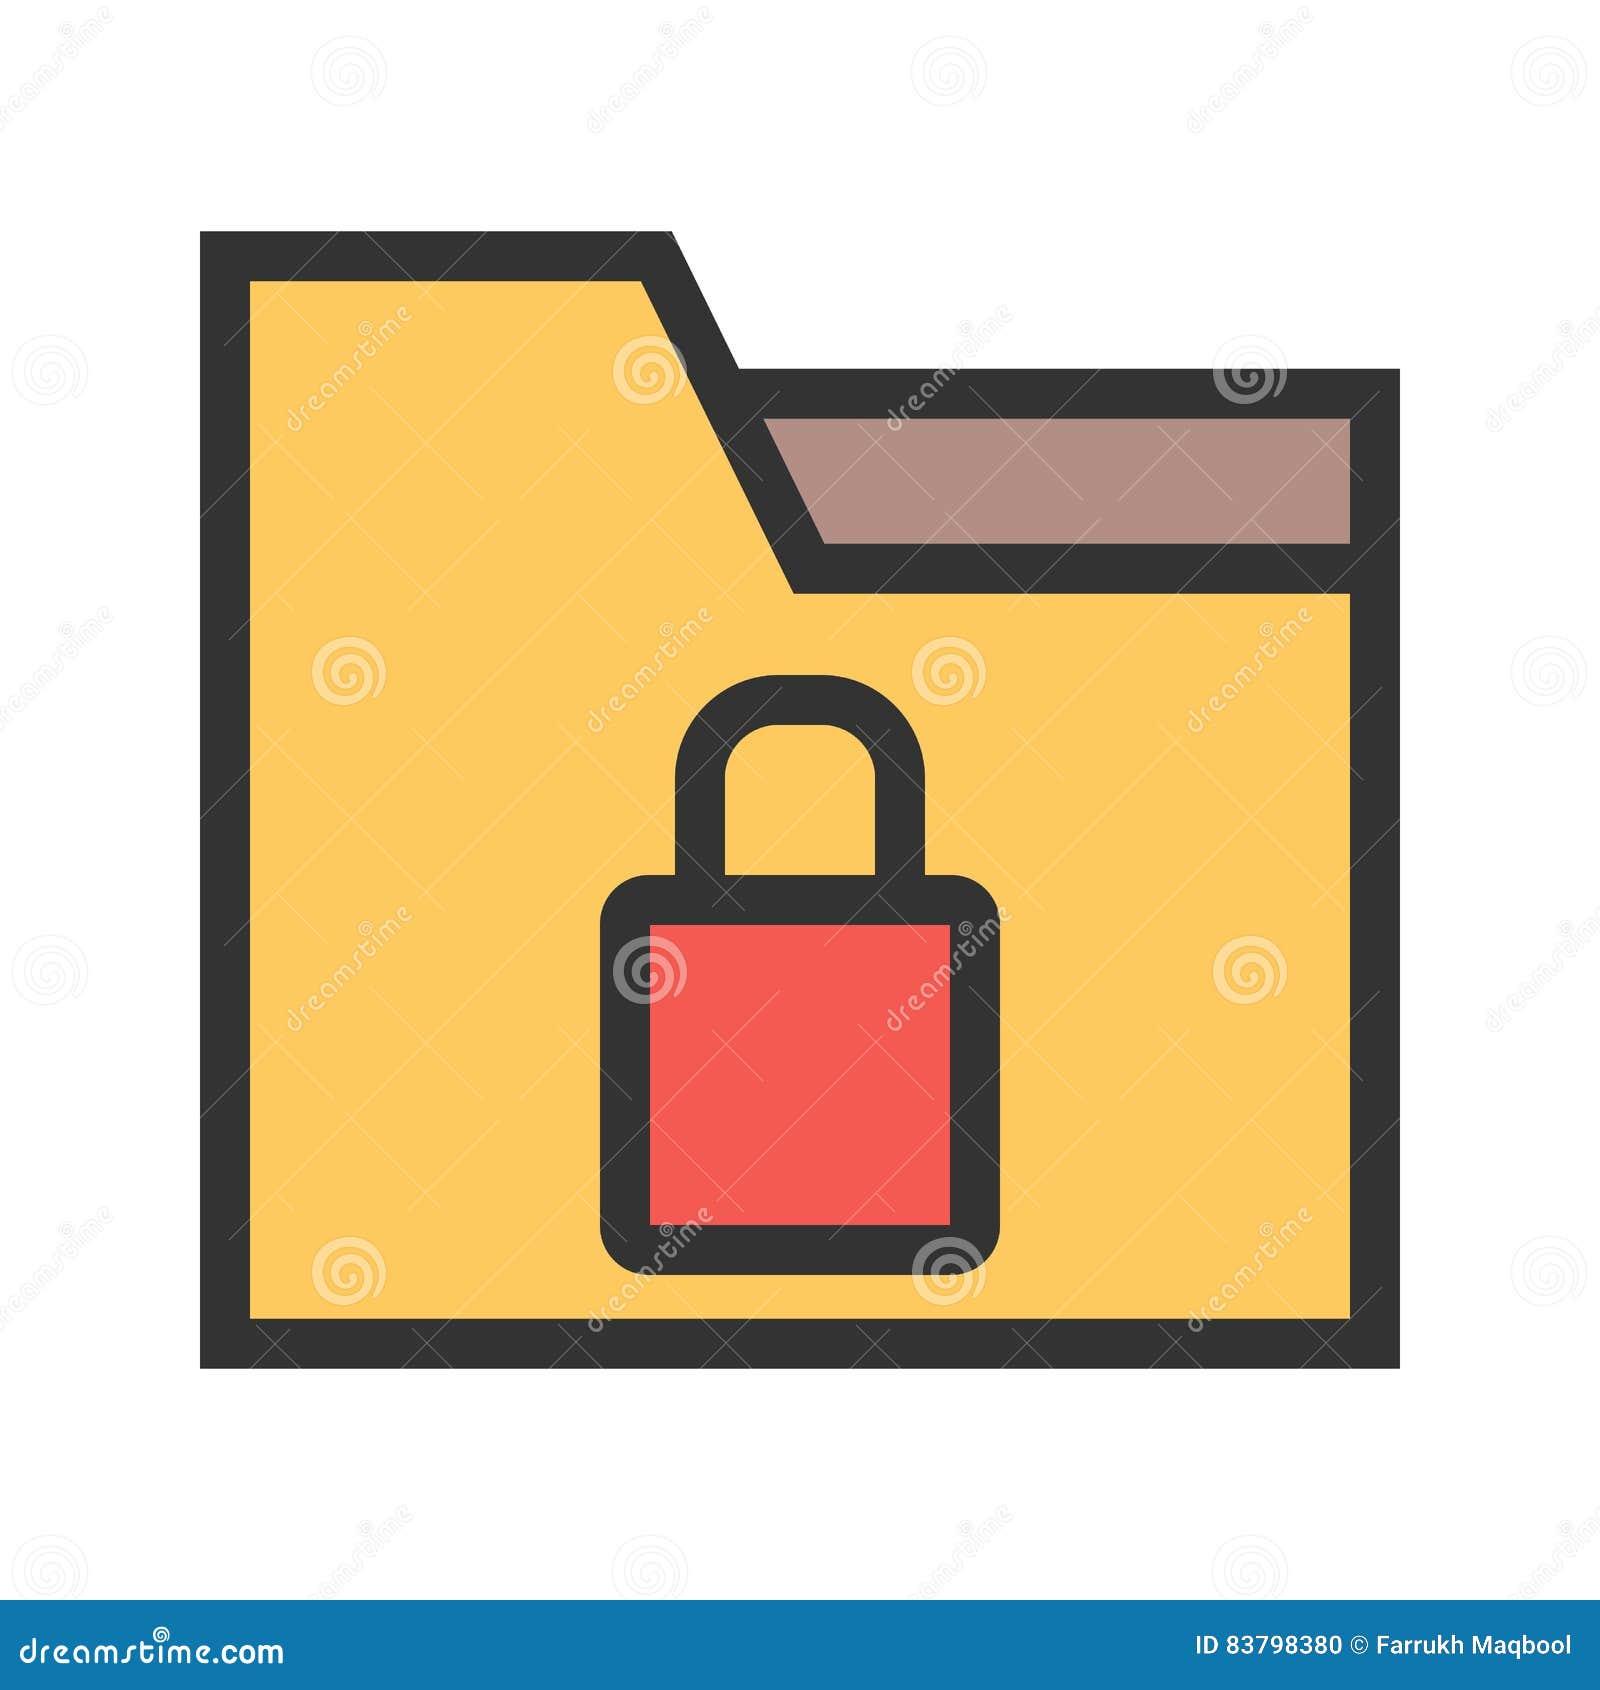 Locked folder stock vector. Illustration of icon, folder 80653332.